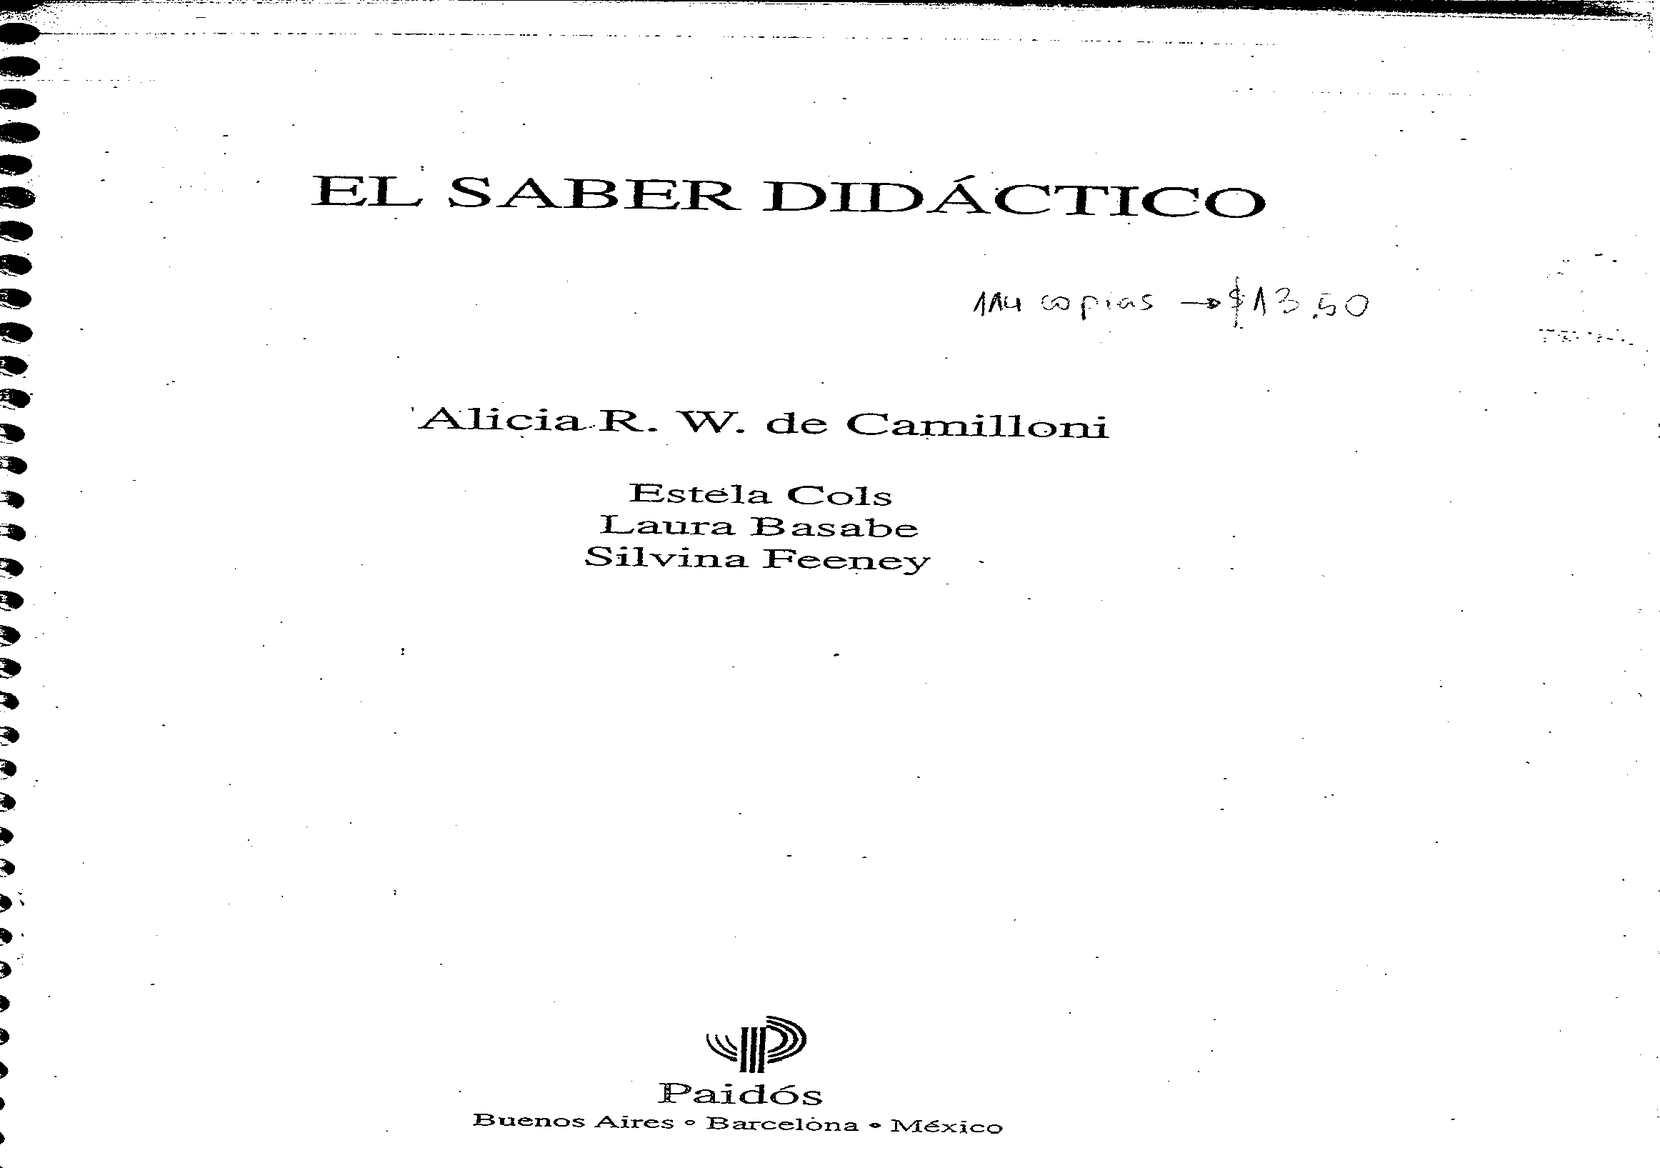 74381464-Camilloni-El-Saber-Didactico